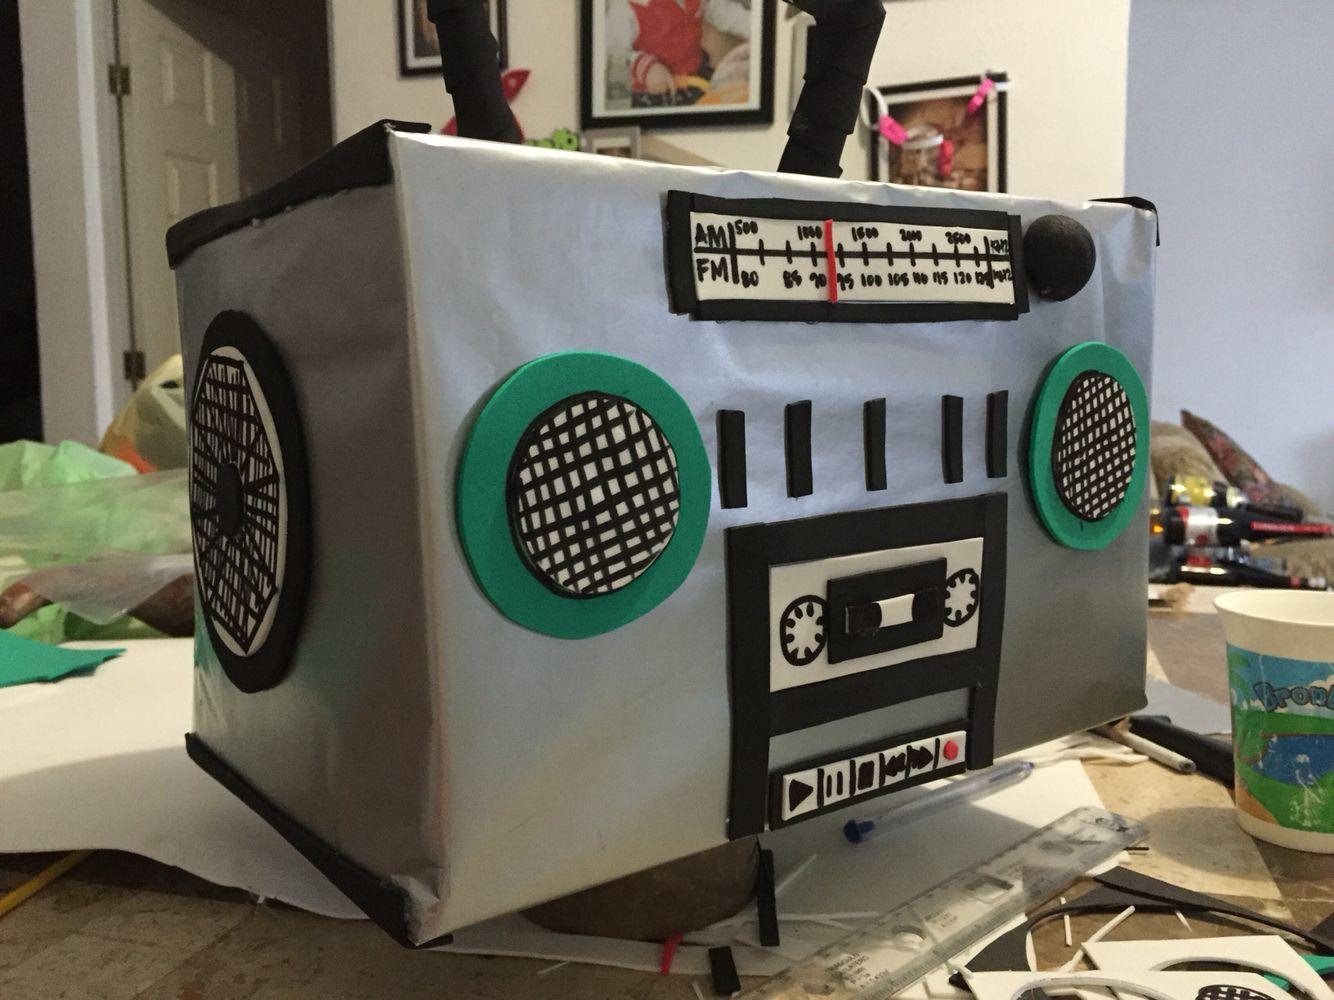 Radio Grabadora de Cartón | Dibujos | Pinterest | Radios, Cartón y ...